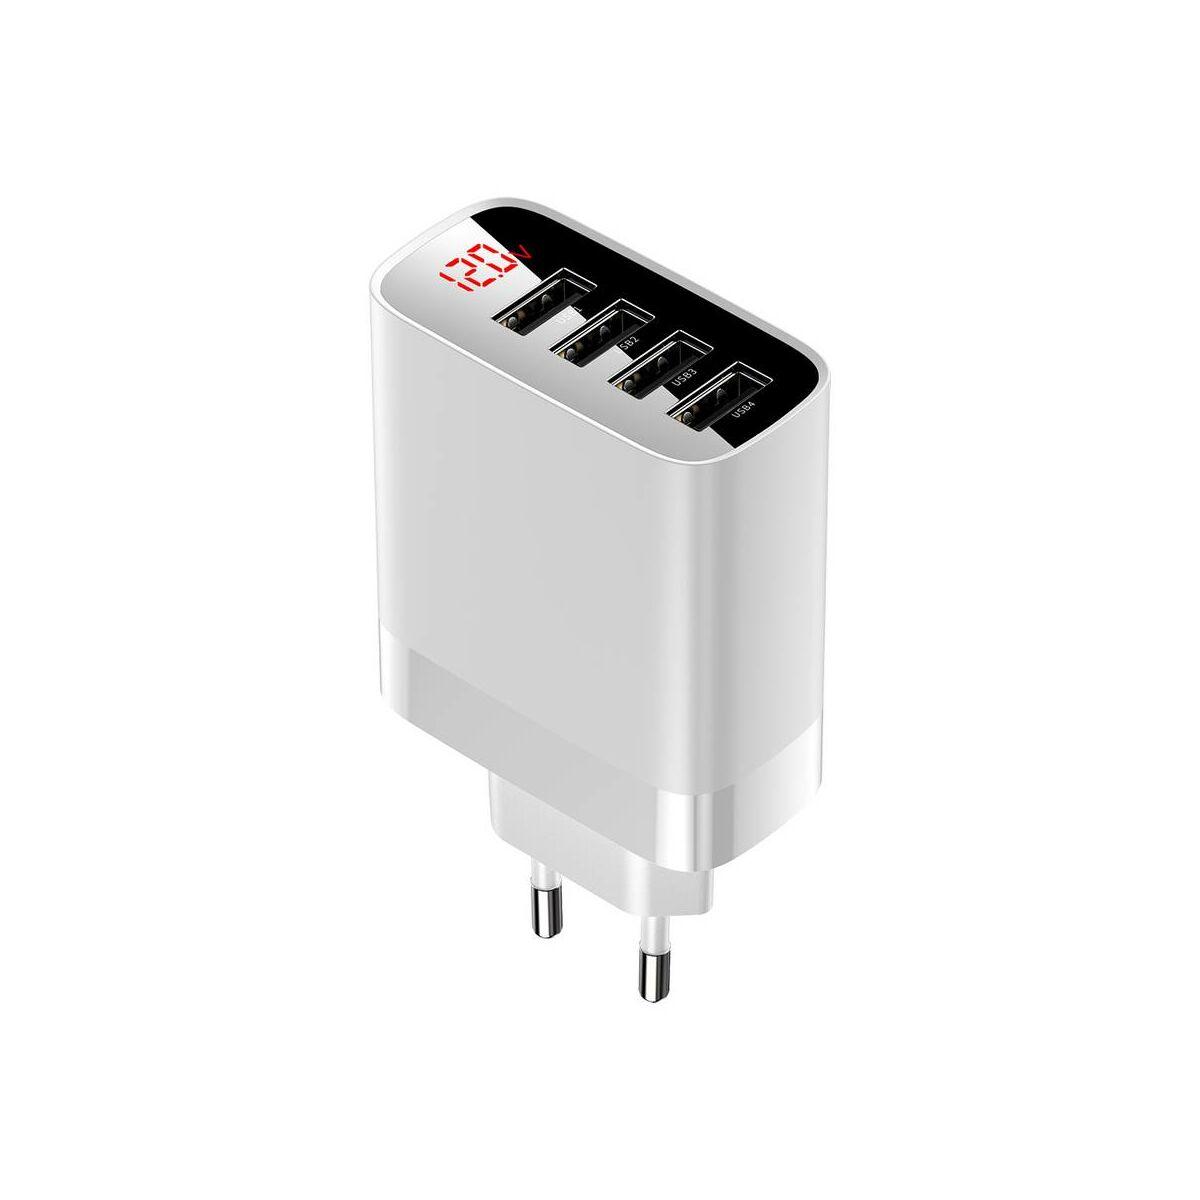 Baseus hálózati töltő, Mirror Lake digitális kijelzős 4xUSB 30W, fehér (CCJMHB-B02)